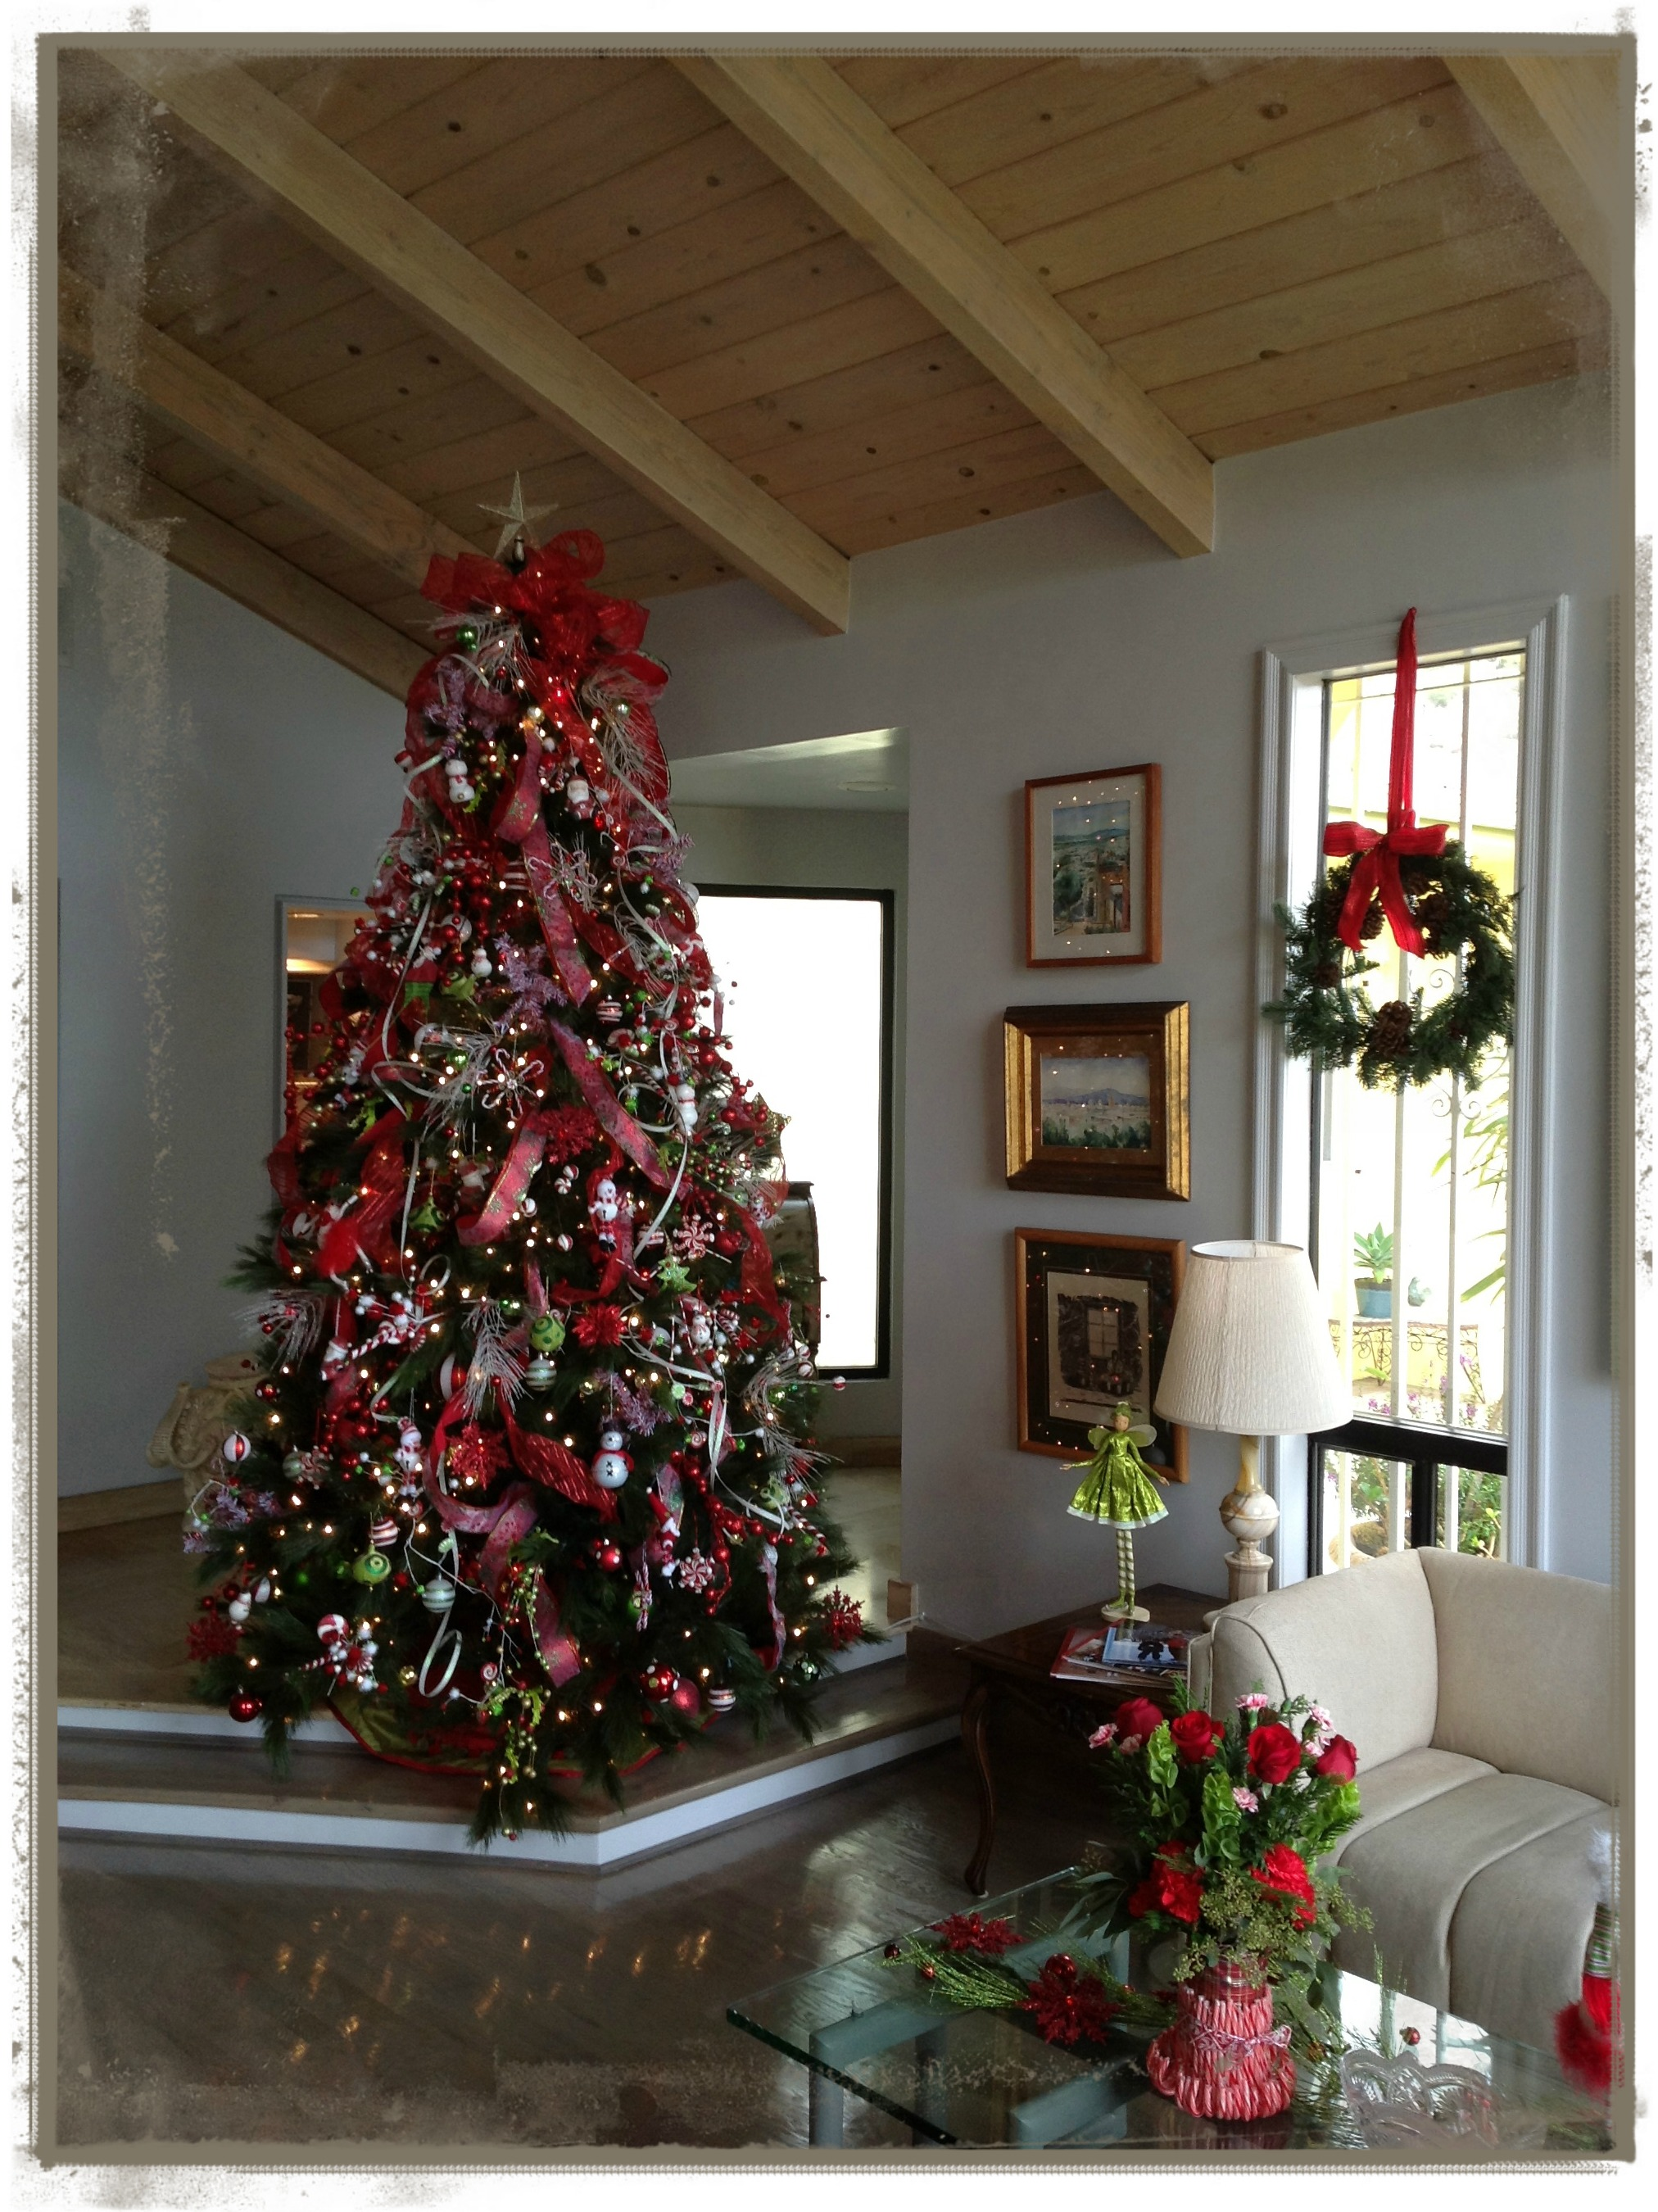 Decoraci n navide a prepar ndonos para recibir la - Como poner el arbol de navidad ...